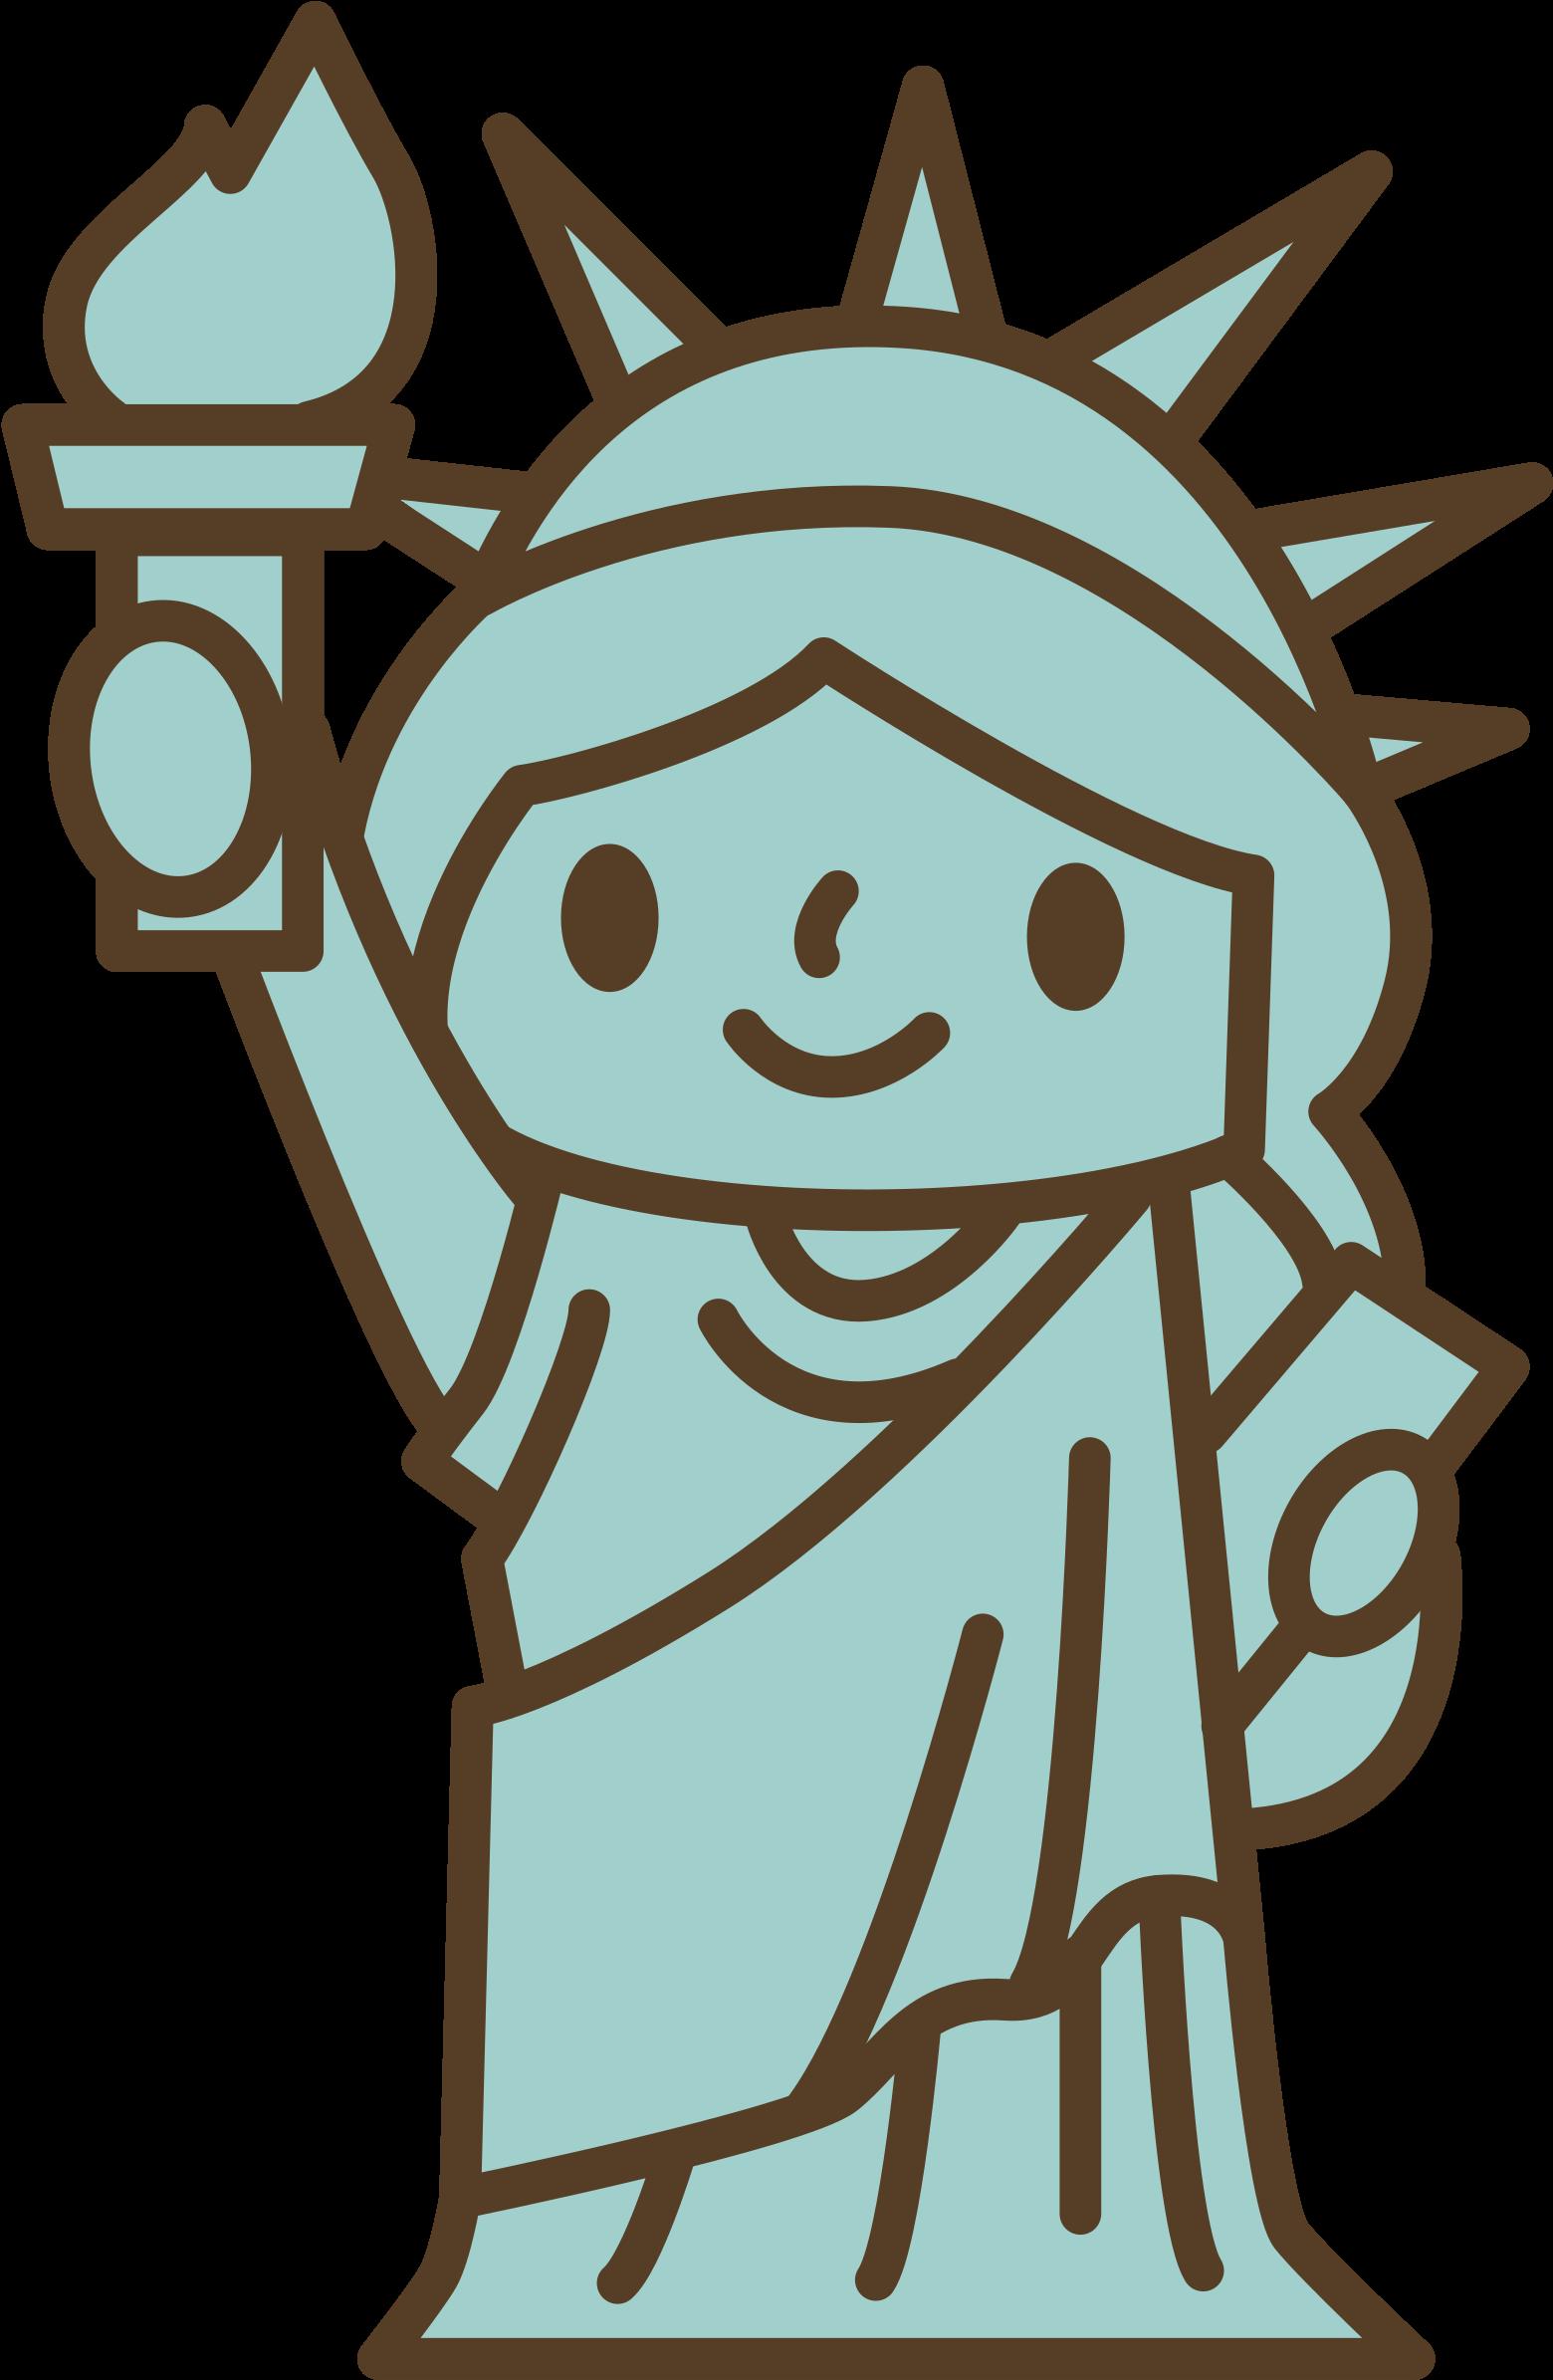 Big Image - Dibujos De La Estatua De La Libertad (1583x2400), Png Download